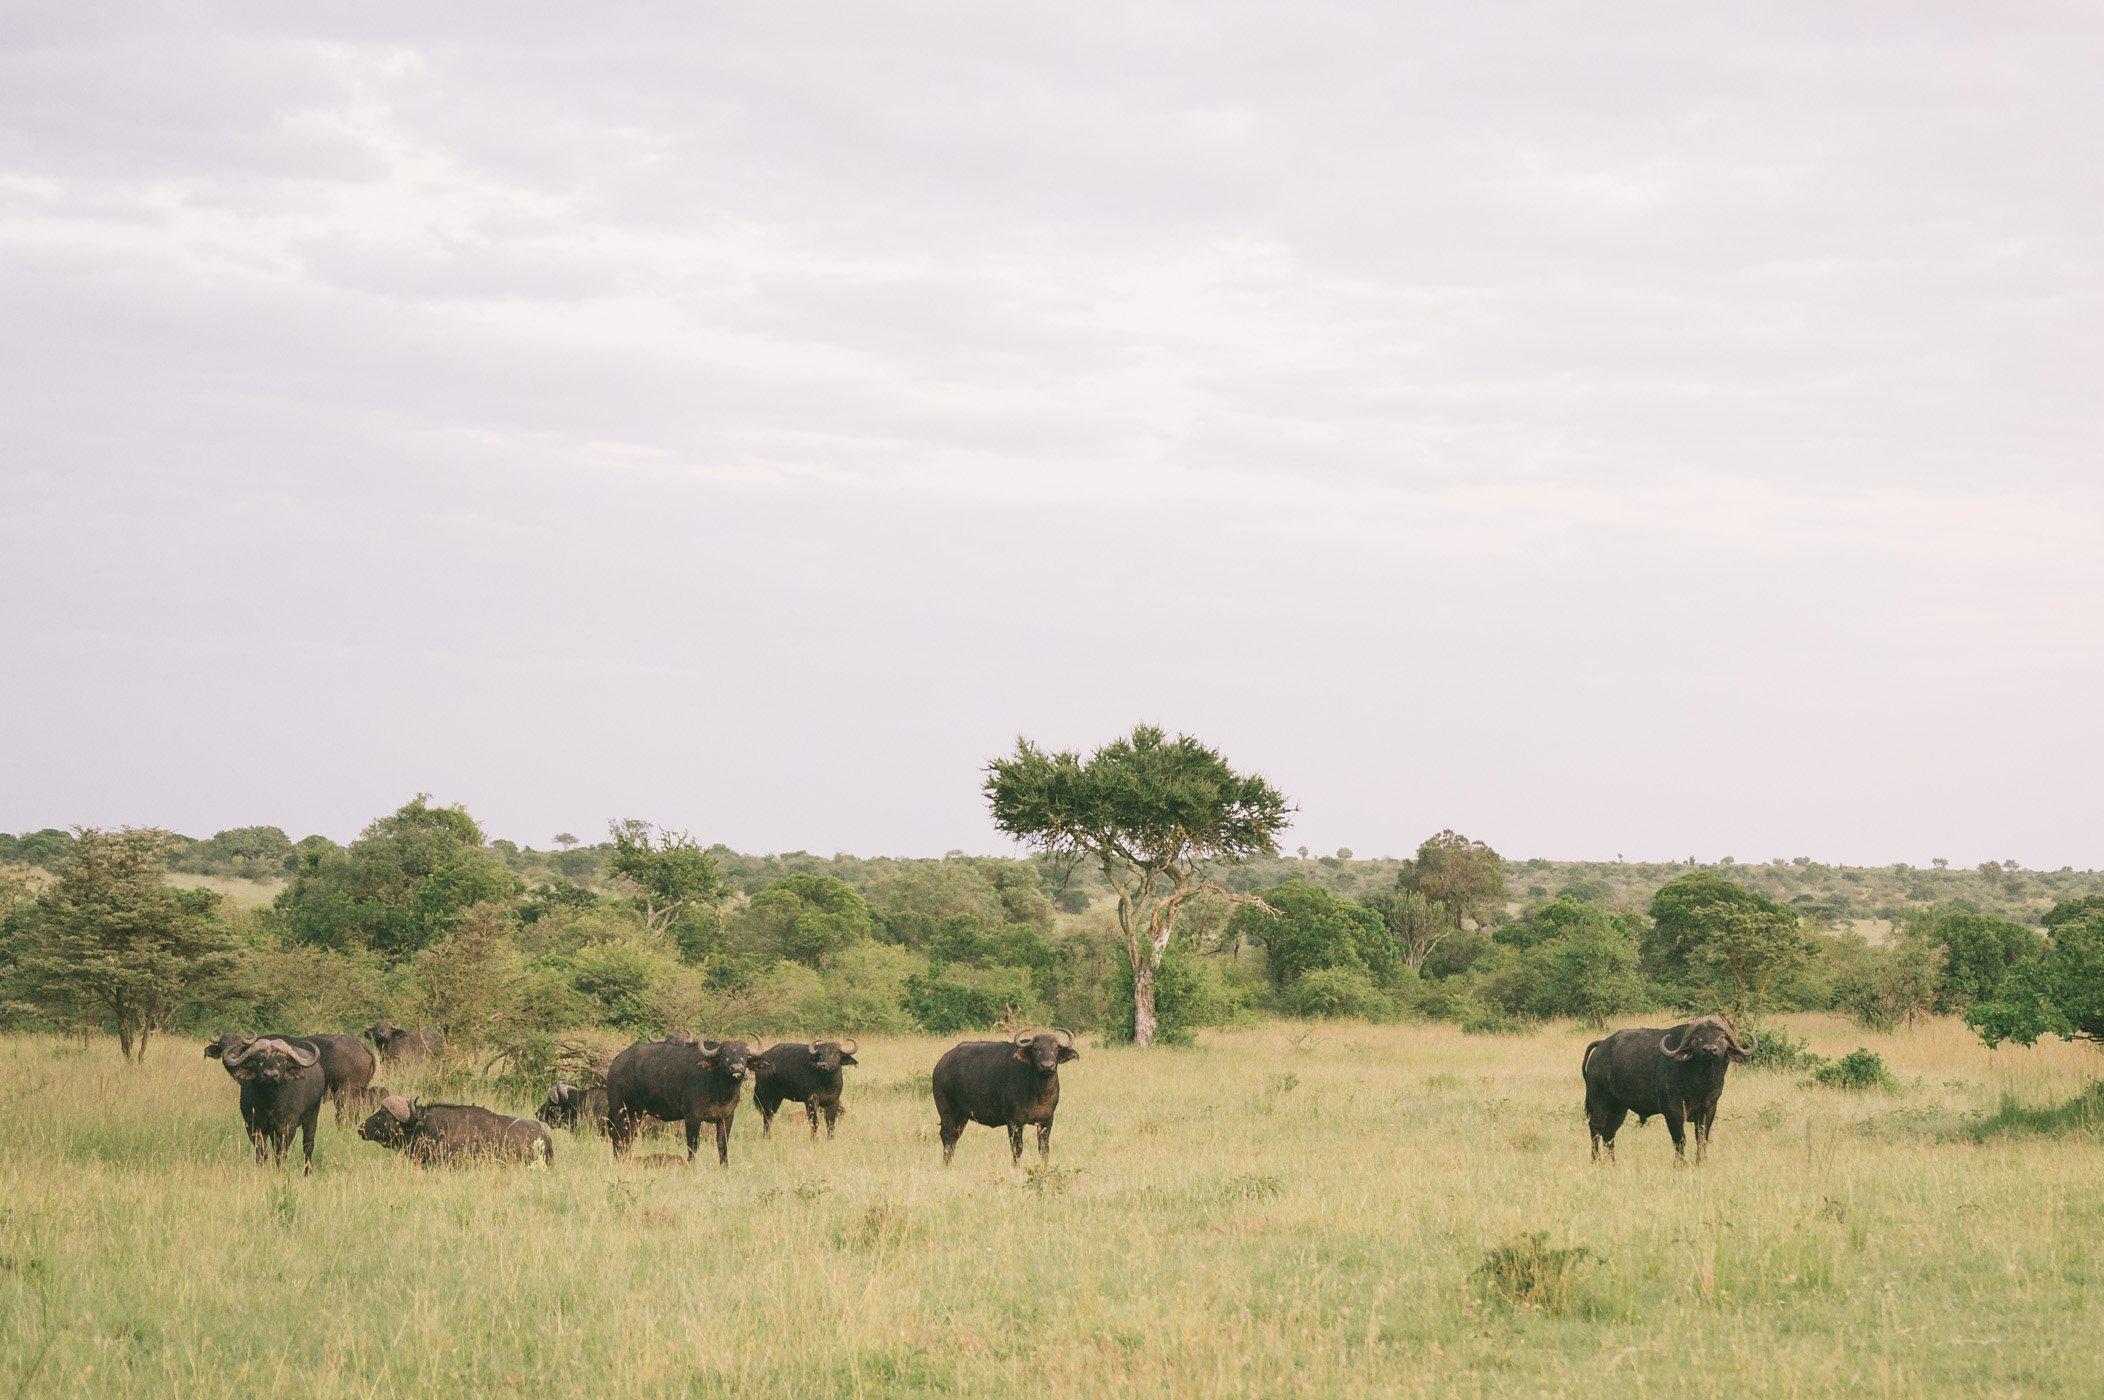 Buffalos at Cottar's in Kenya